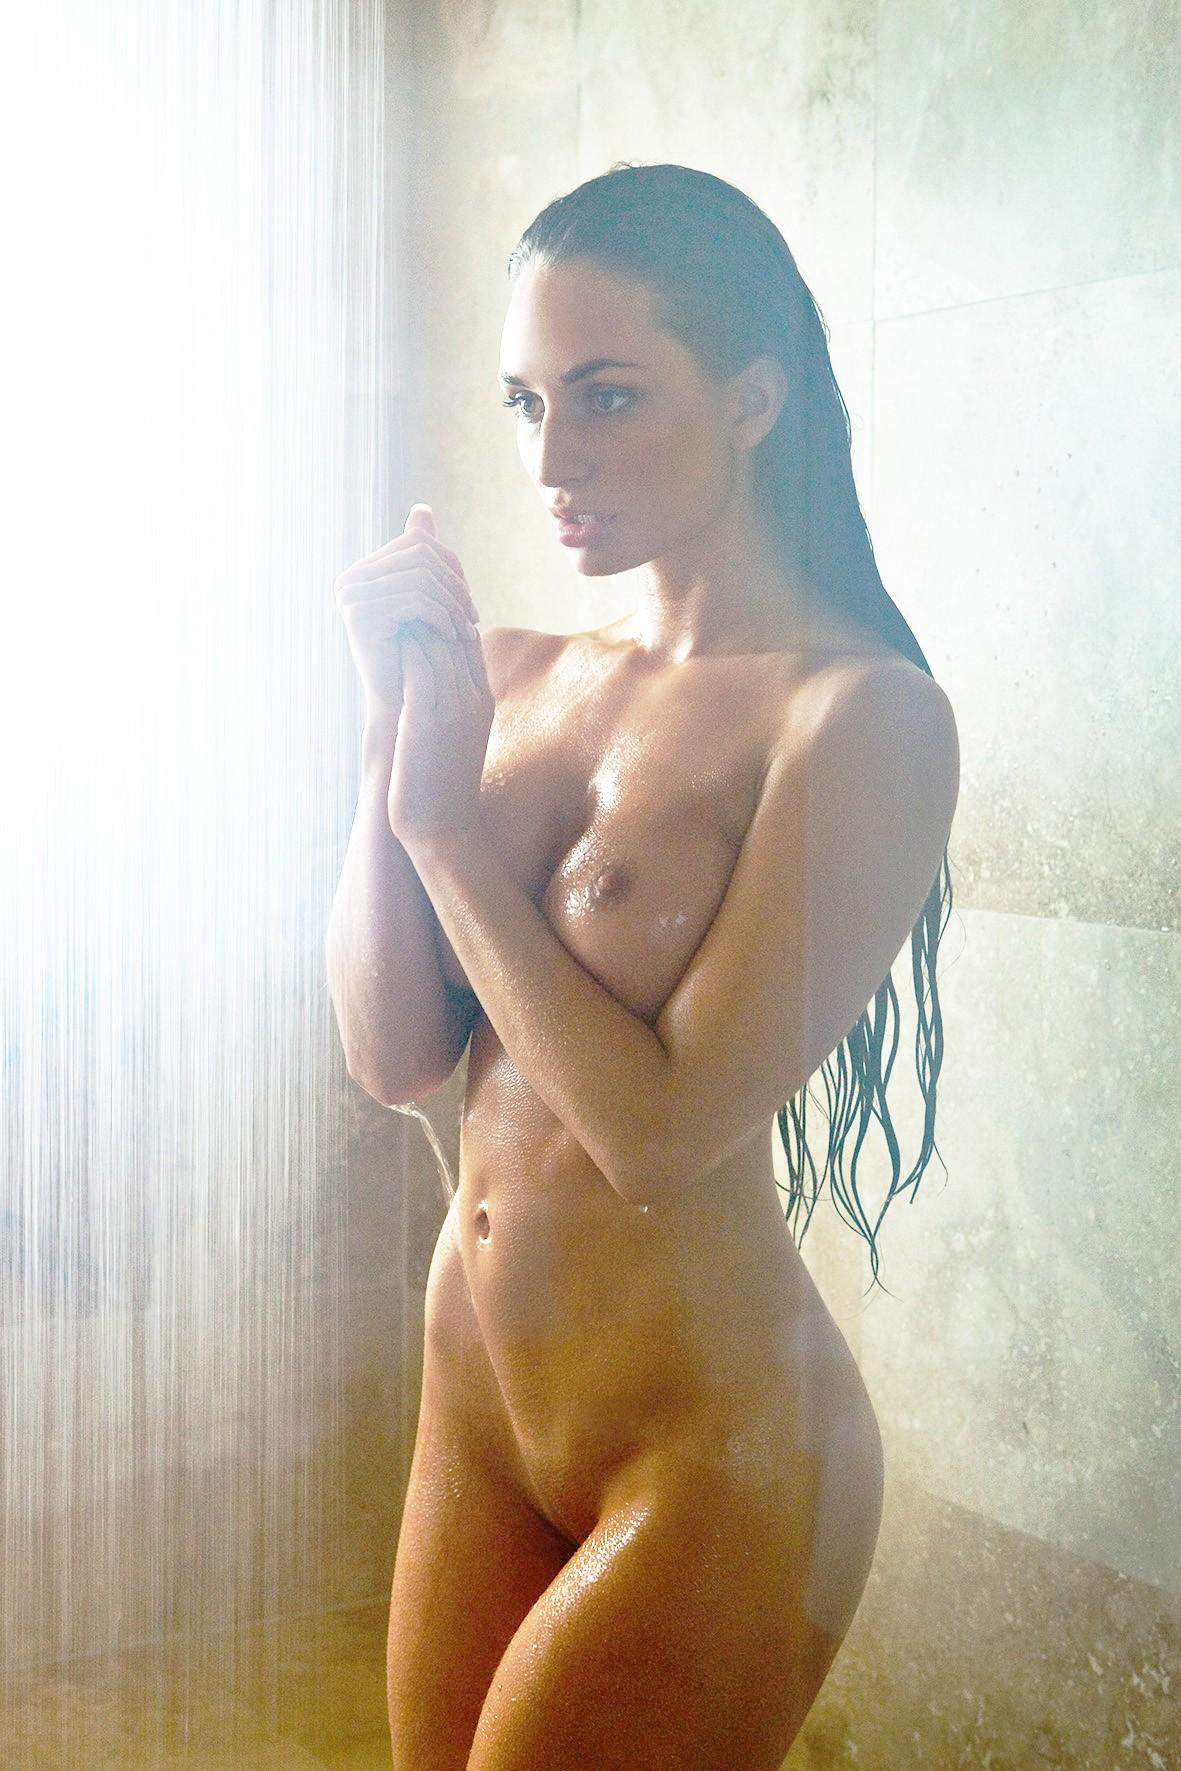 Desnuda Fotos De Rosie Roff Desnuda Tetas Pezon Culo Coño